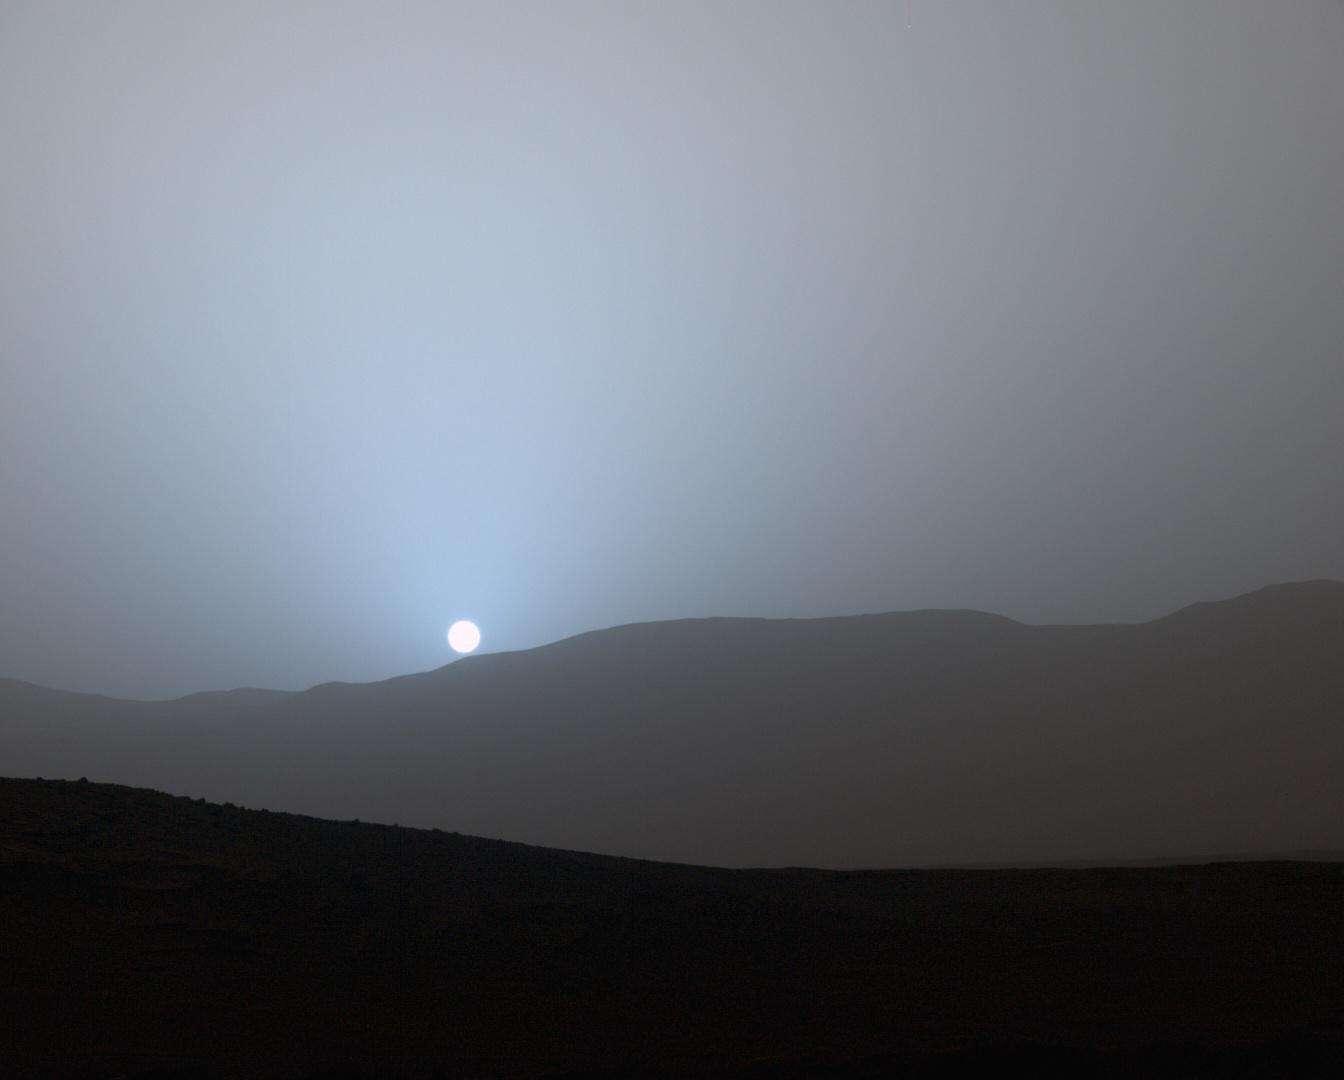 Un coucher de soleil vu par Curiosity sur la planète Mars. © Nasa